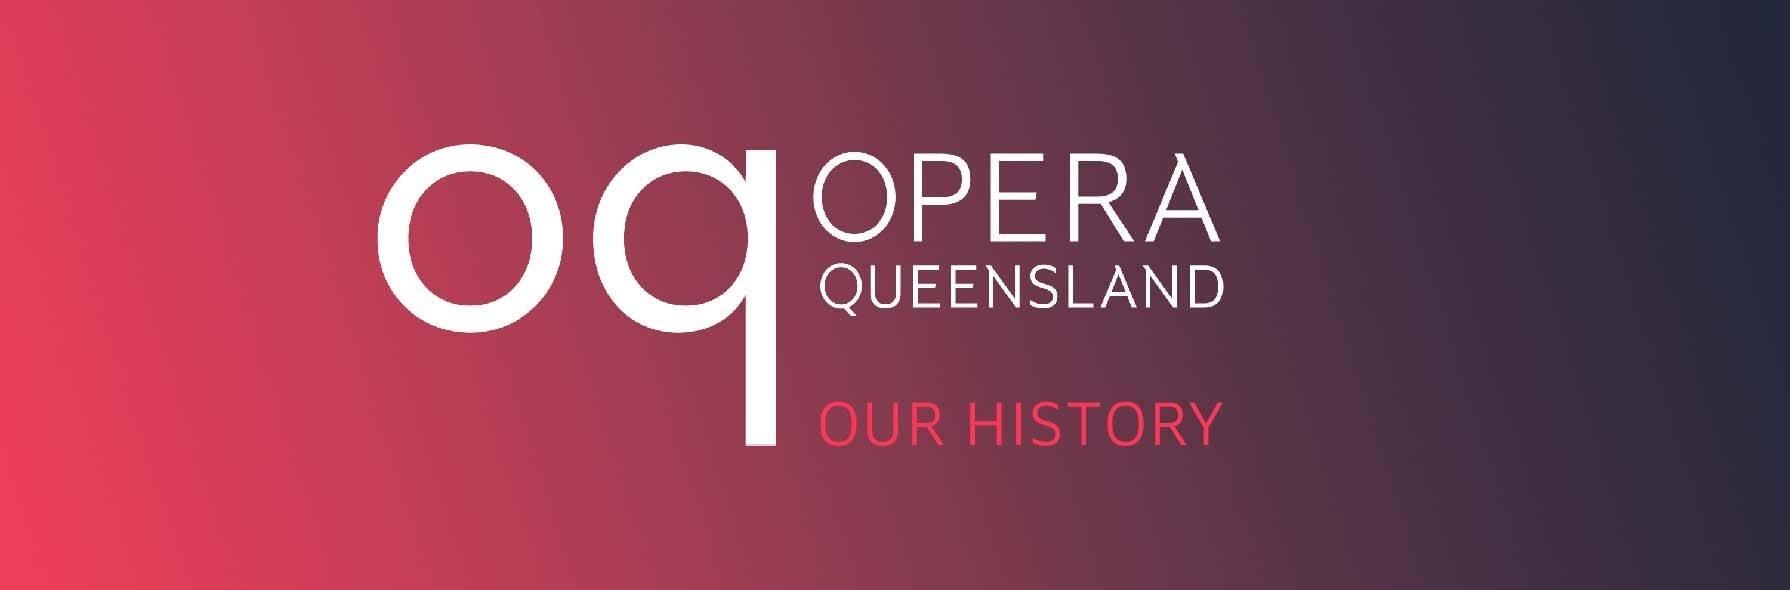 History of Opera Queensland